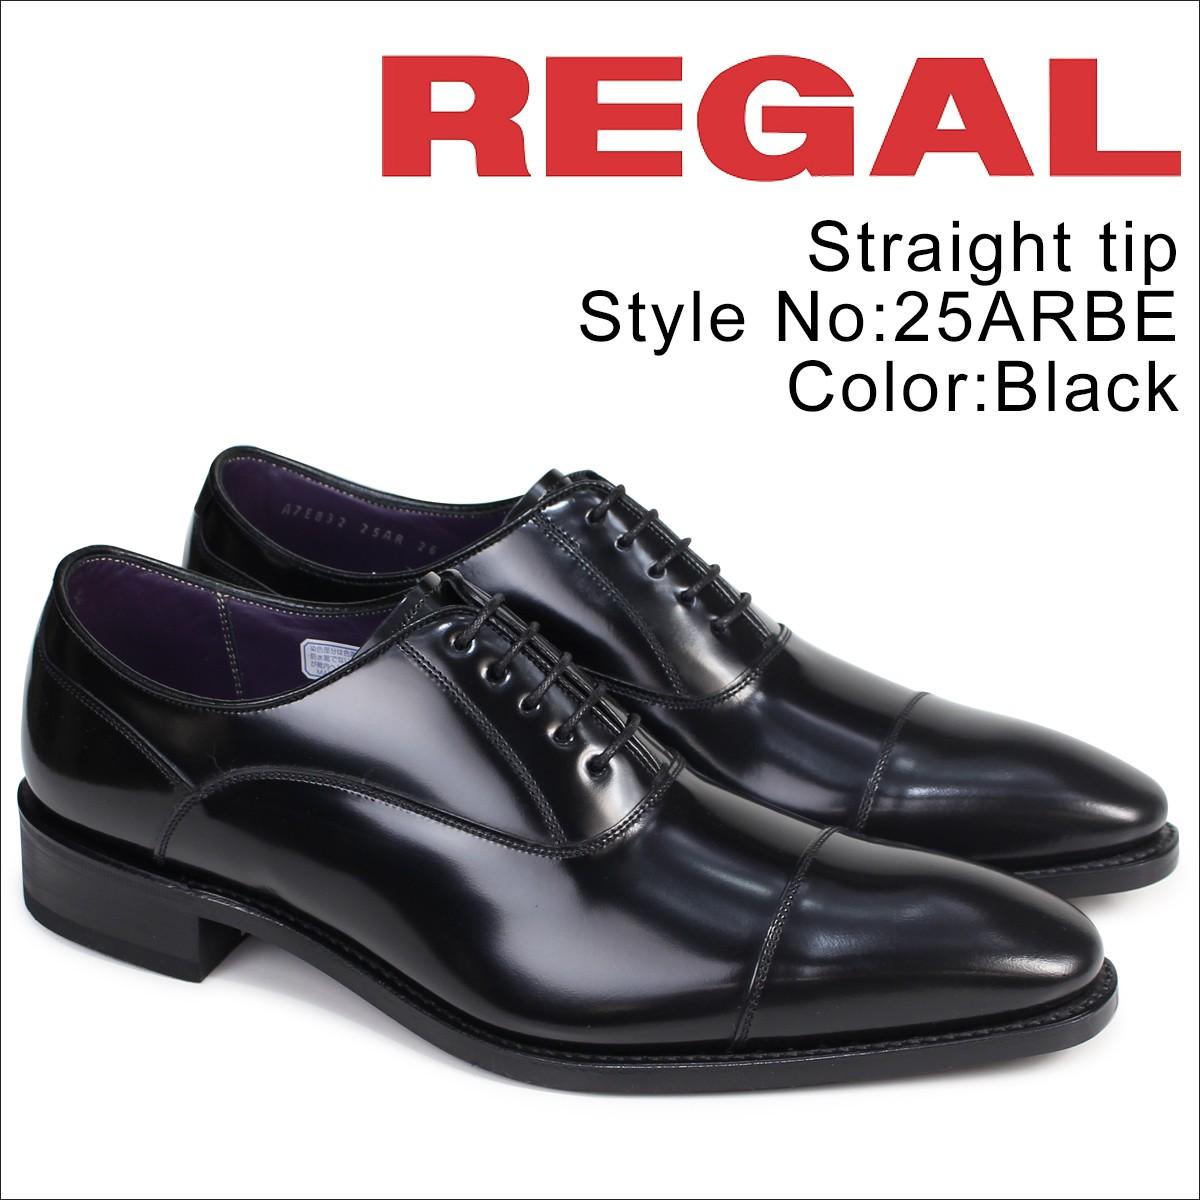 リーガル 靴 メンズ REGAL ストレートチップ 25ARBE ビジネスシューズ ブラック [1/13 追加入荷]